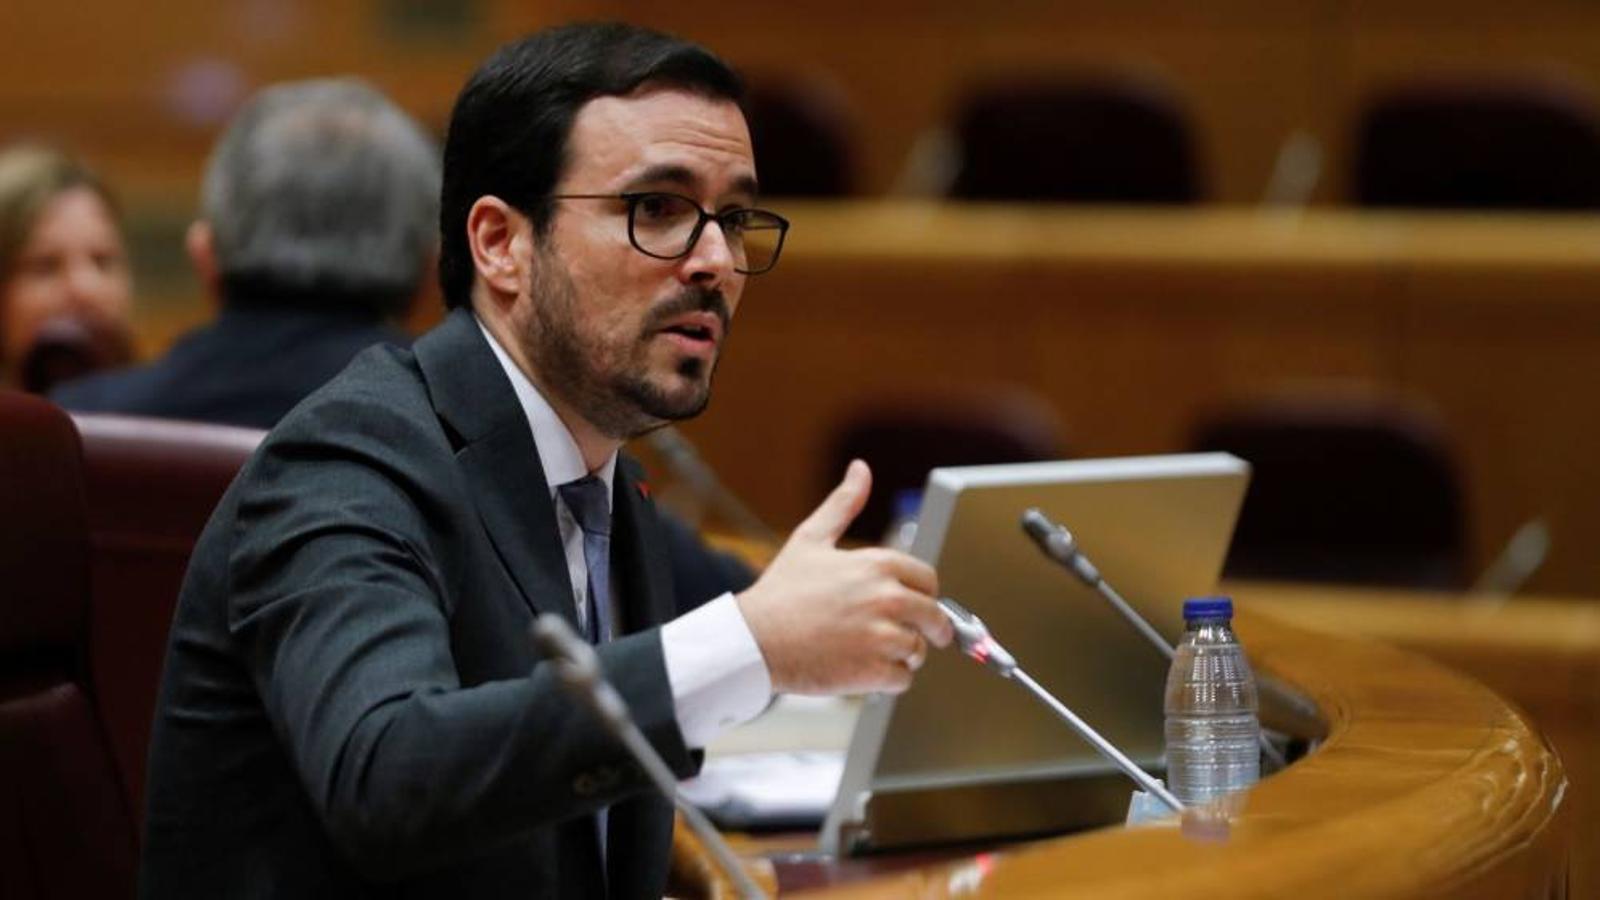 El ministre de Consum, Alberto Garzón, durant una compareixença al Senat / EFE